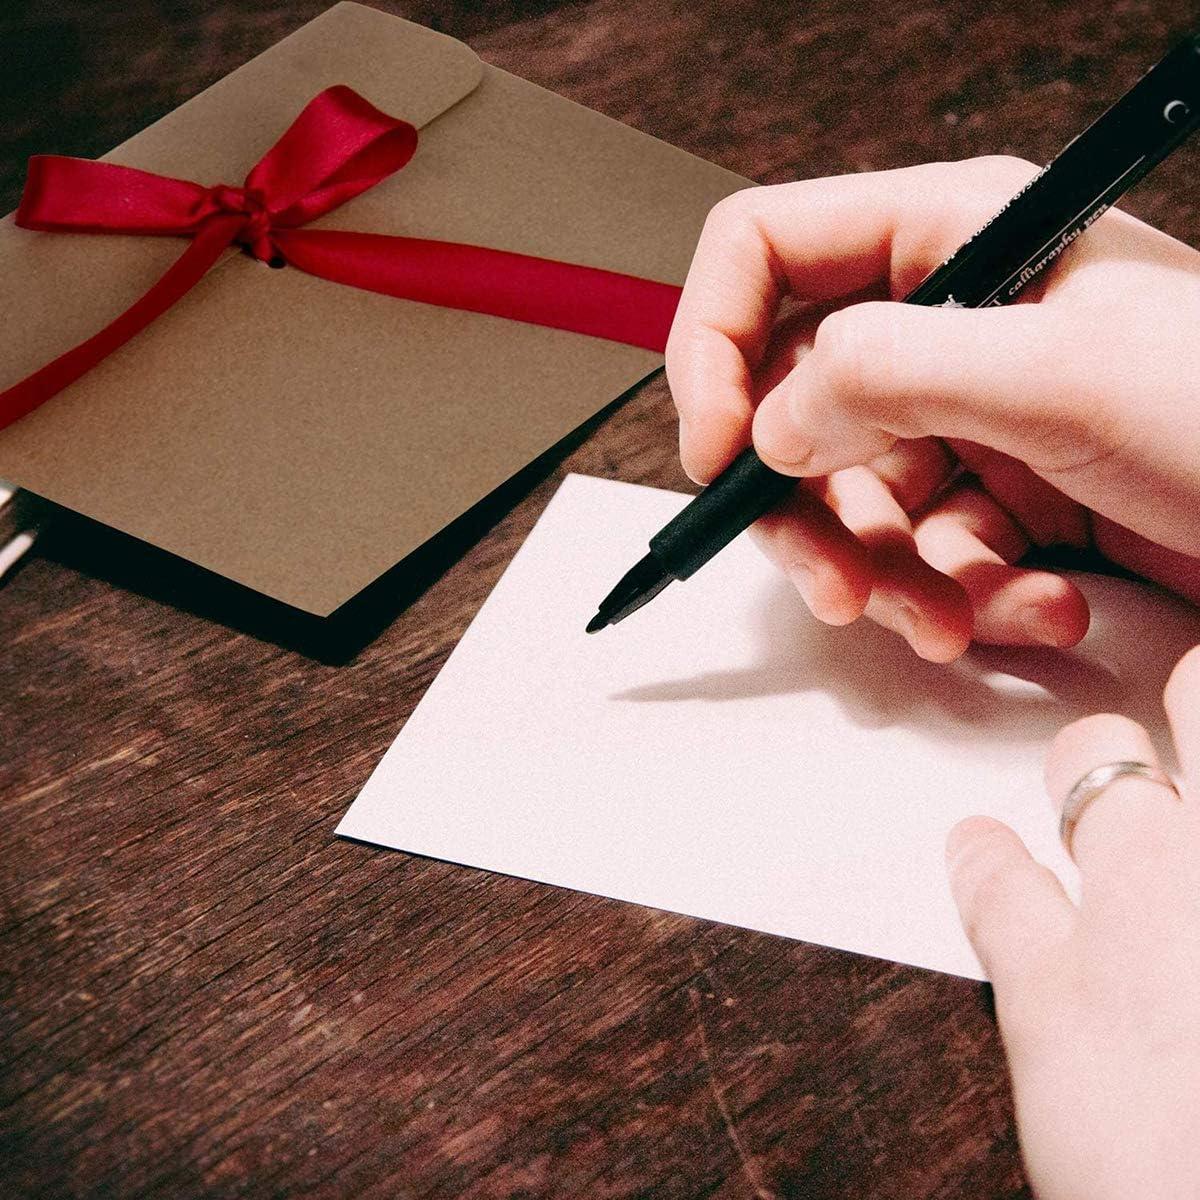 20 Pcs Enveloppe de Papier Nacr/é 4 couleurs Enveloppe de Carte Postale,Creative R/étro Mignon Enveloppe avec Ruban pour Joyeux No/ël Anniversaire De Mariage De F/ête Danniversaire 250 g//m/² 17.5x12.4cm